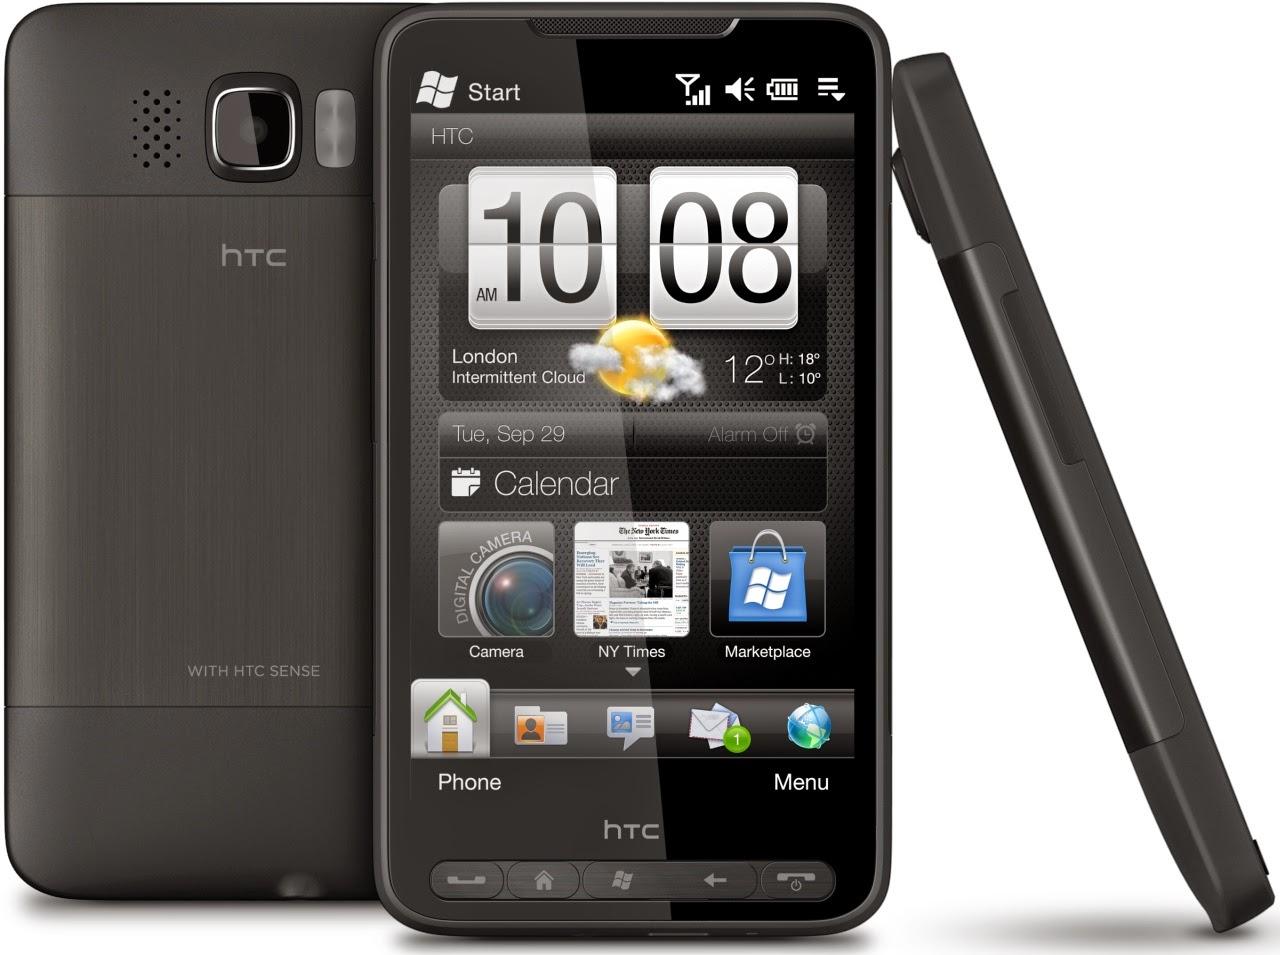 Мобильный телефон HTC HD2 T8585 Black стильный и красивый современный и расширенный функционал